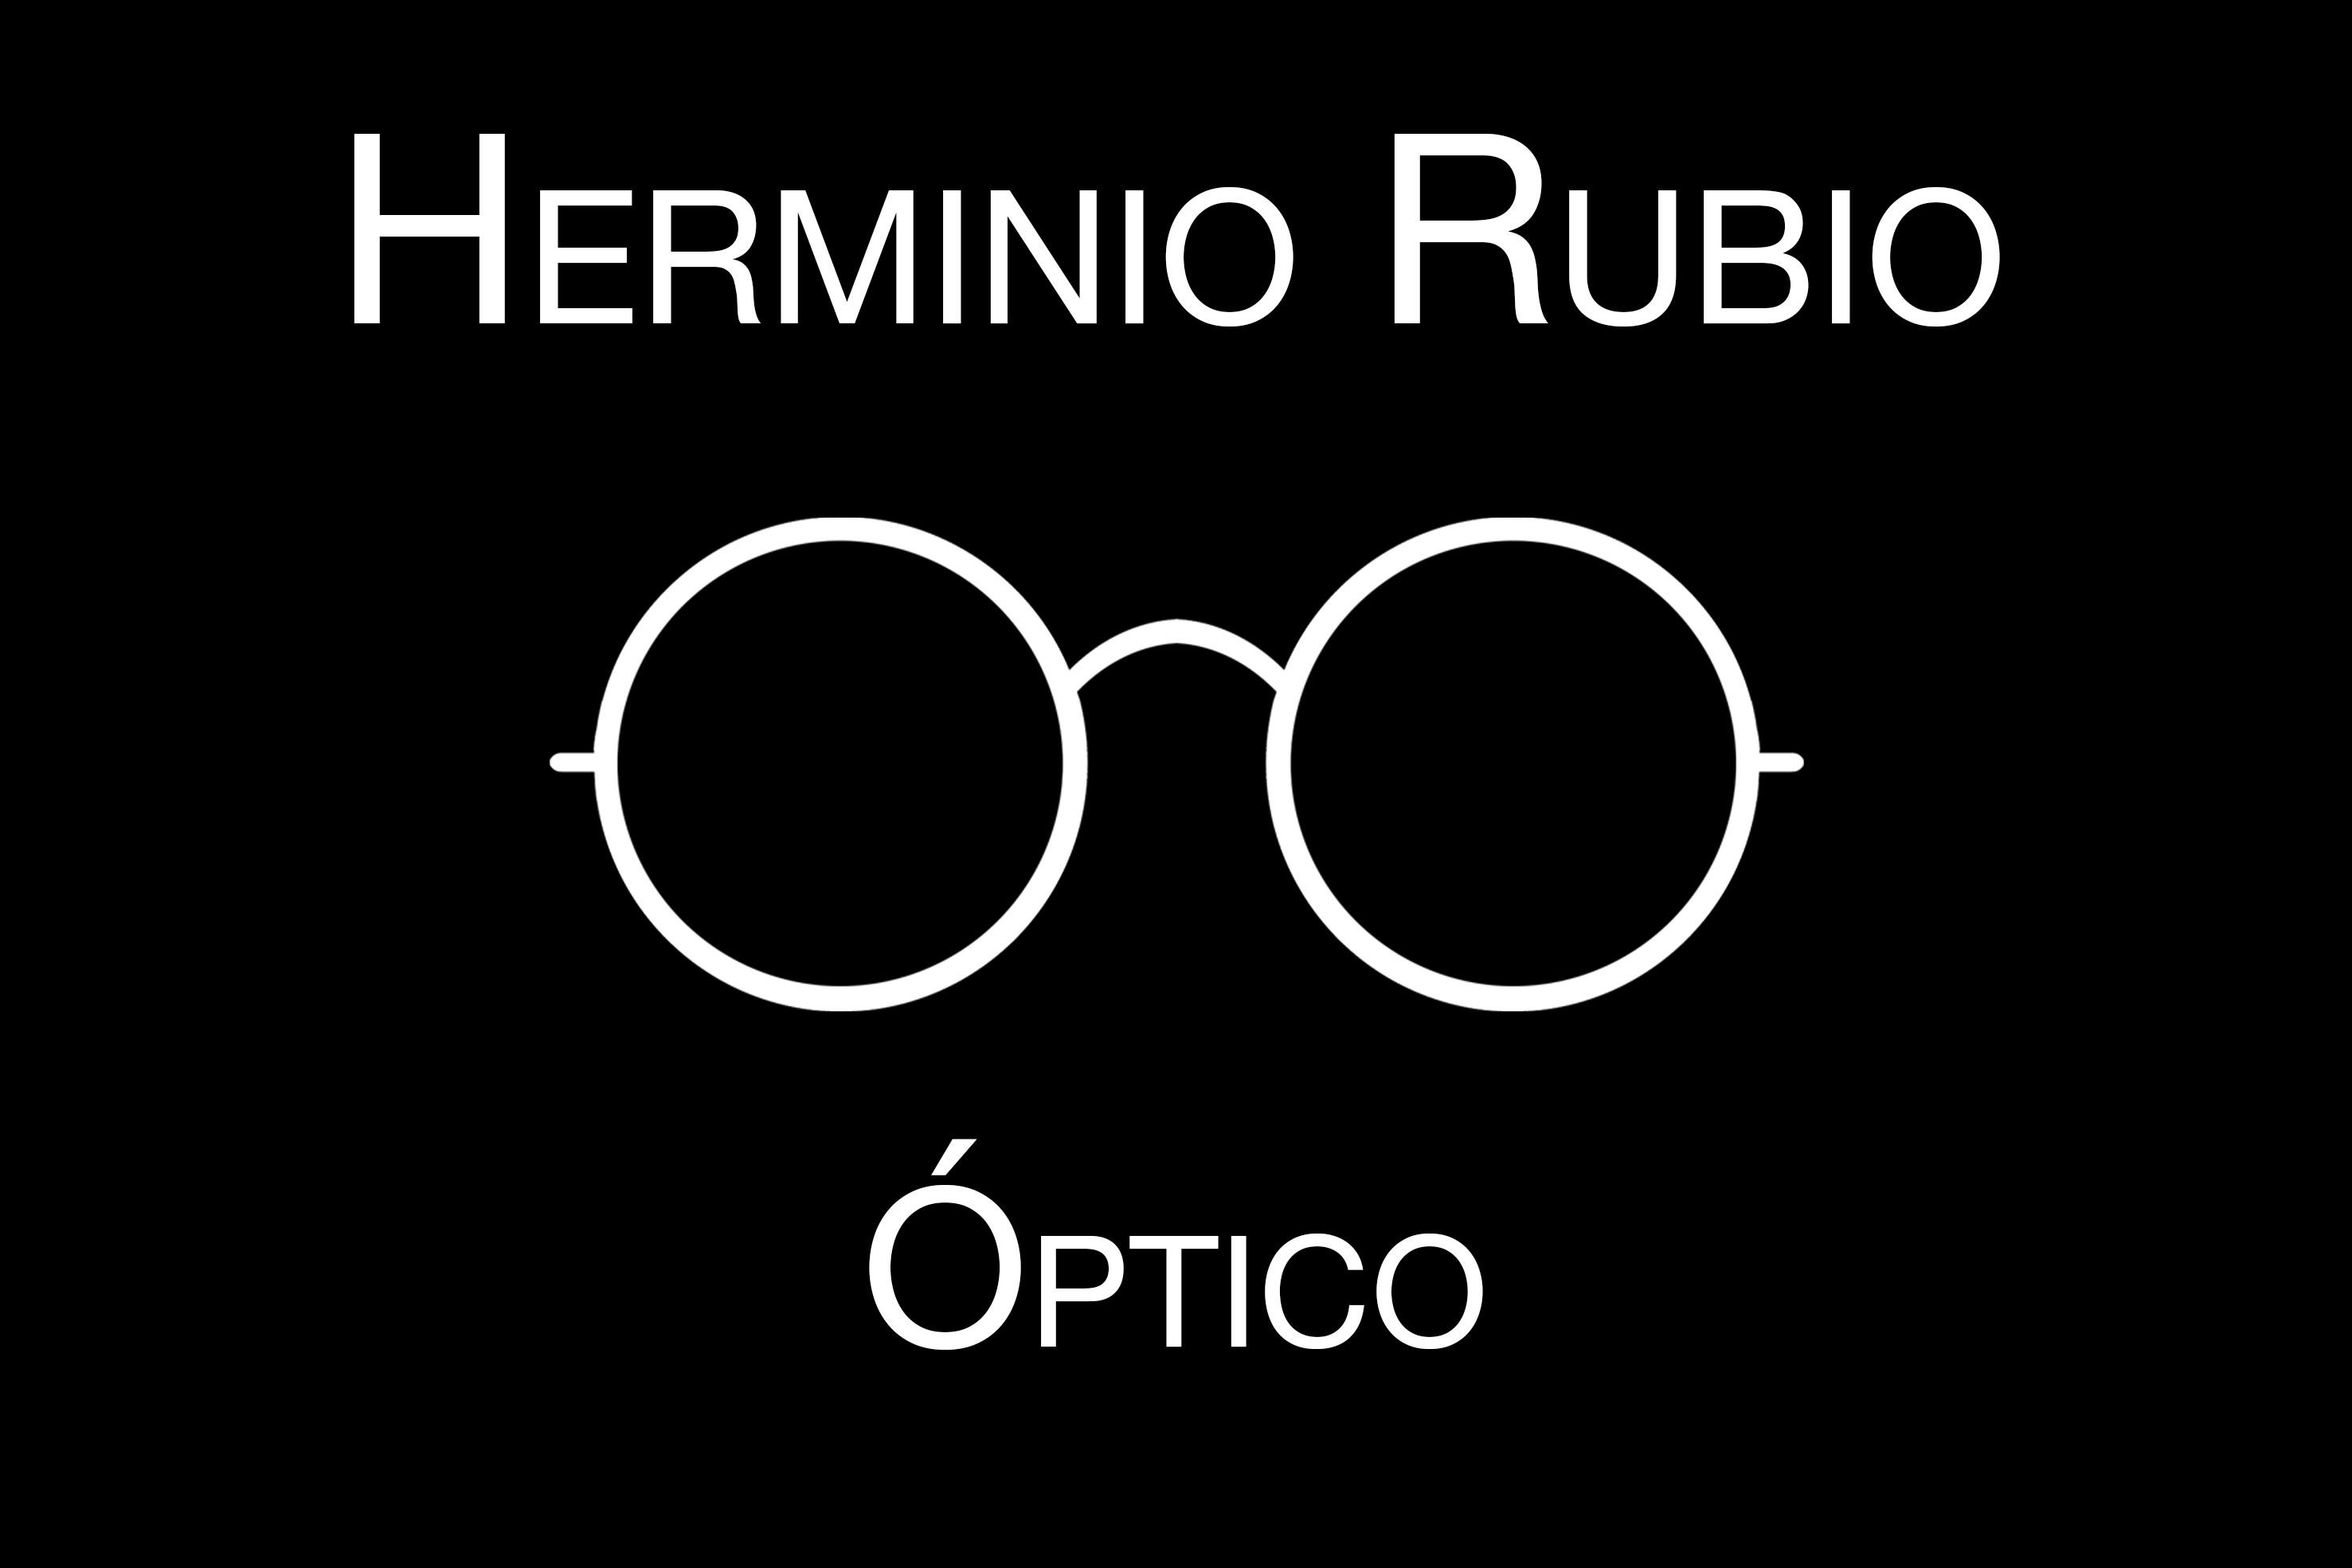 Herminio Rubio Optico